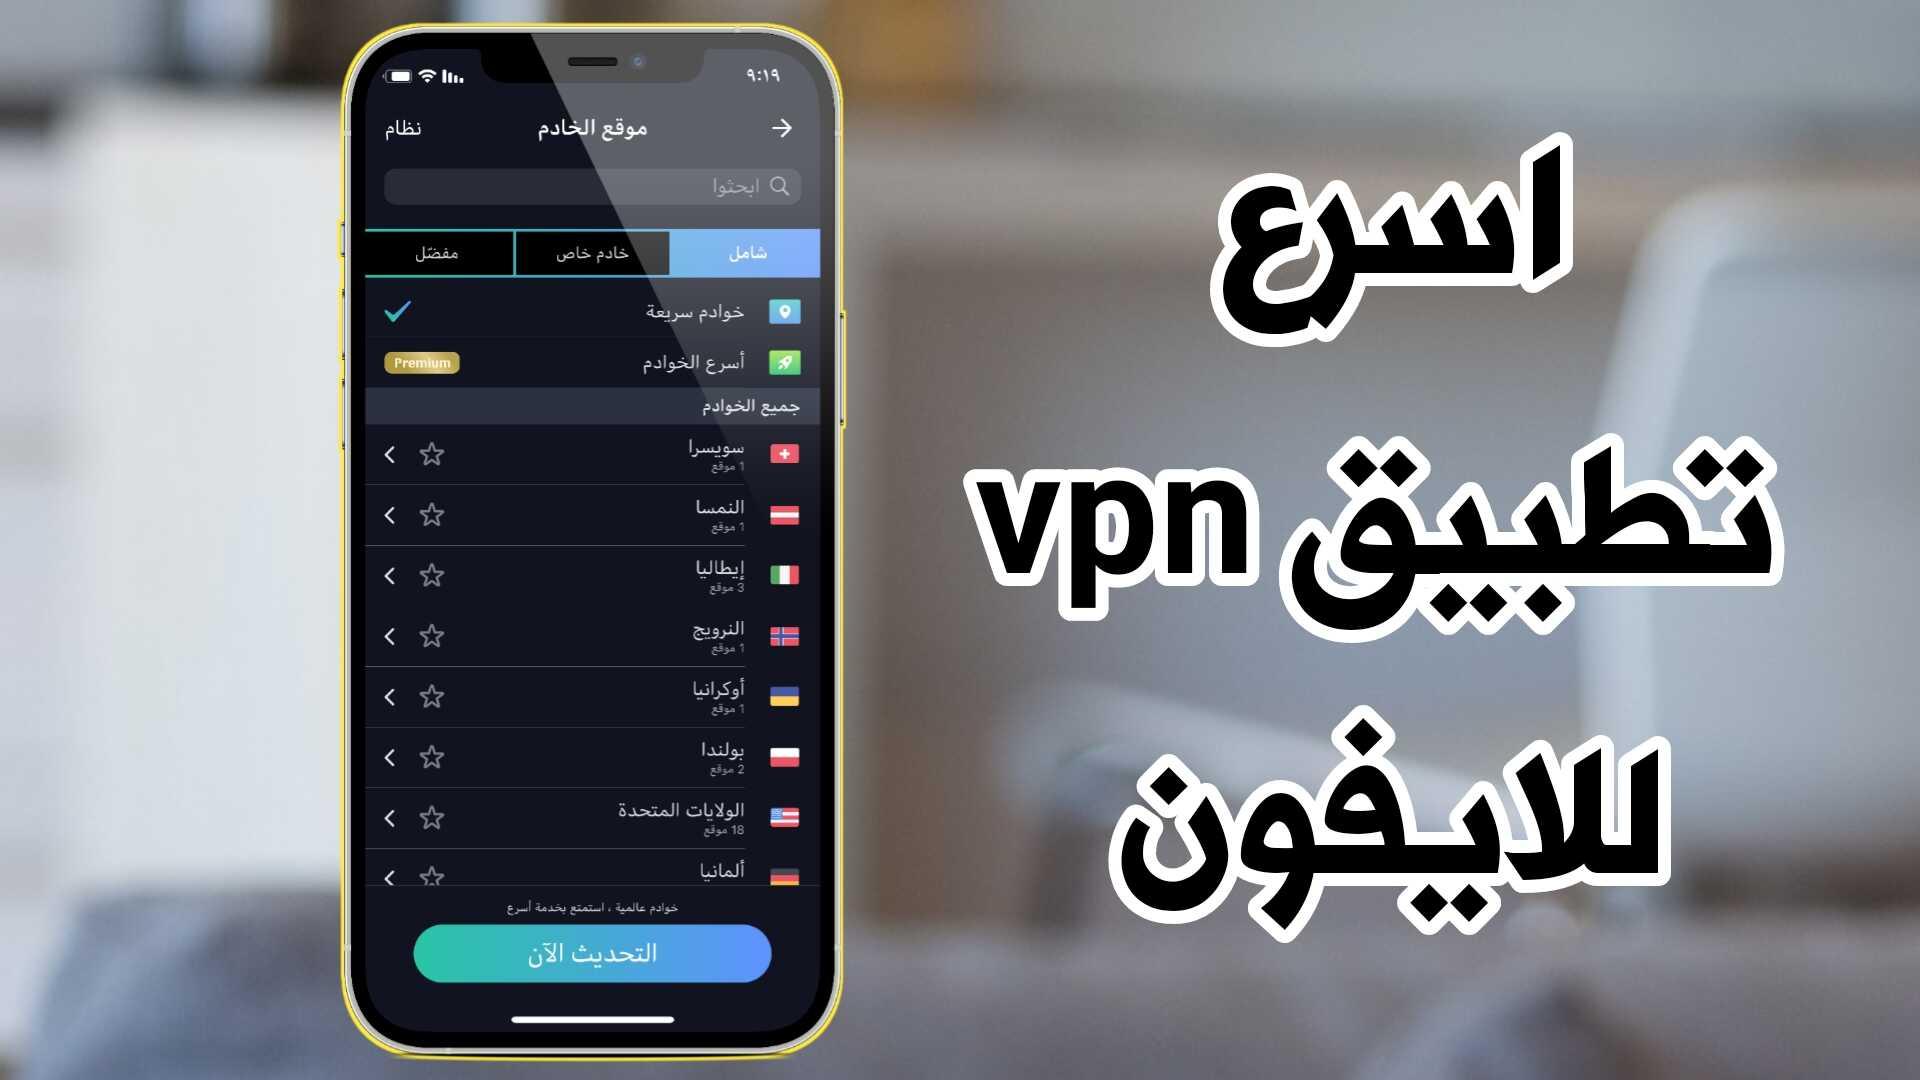 اسرع تطبيق vpn للايفون مجاني لفتح المواقع المحجوبة